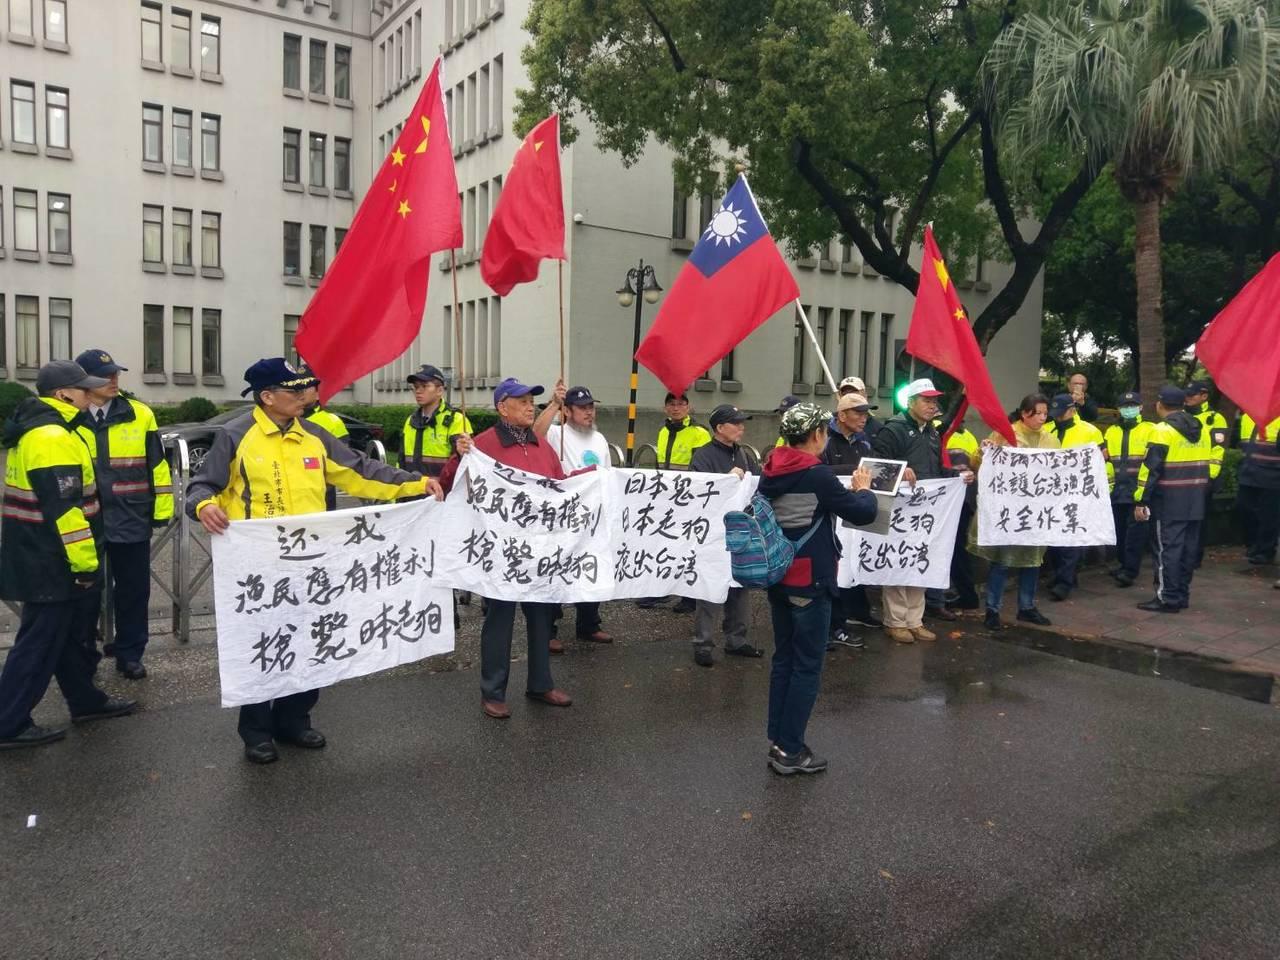 抗議團體在外交部外抗議。記者徐偉真/攝影